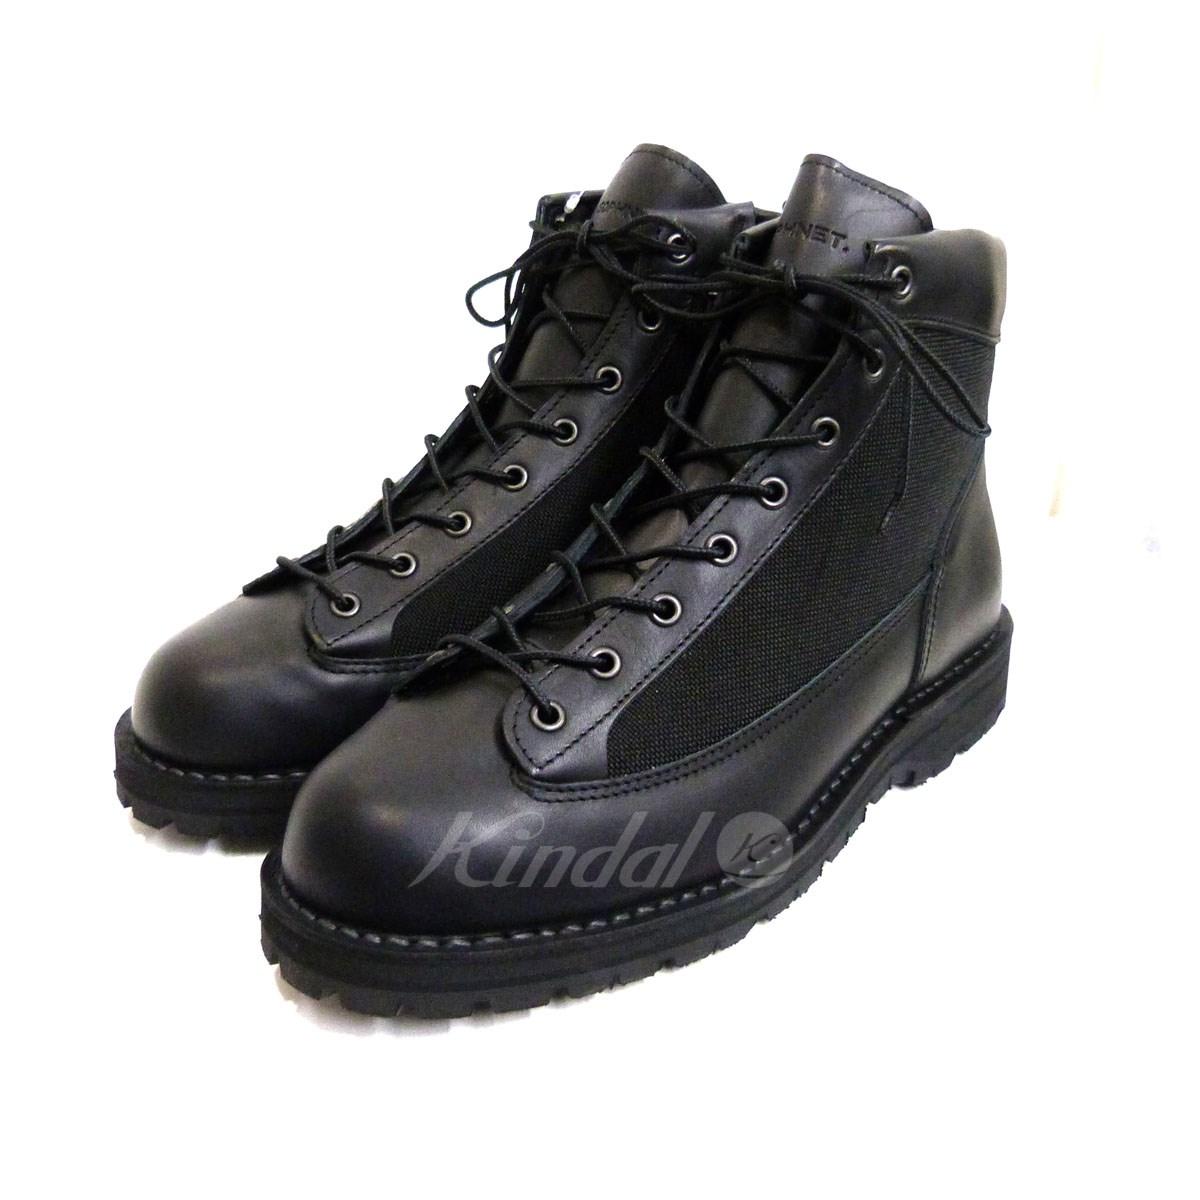 【中古】SOPHNET.× Danner 18AW「ZIP UP BOOTS」マウンテンブーツ ブラック サイズ:28cm 【送料無料】 【100419】(ソフネット×ダナー)